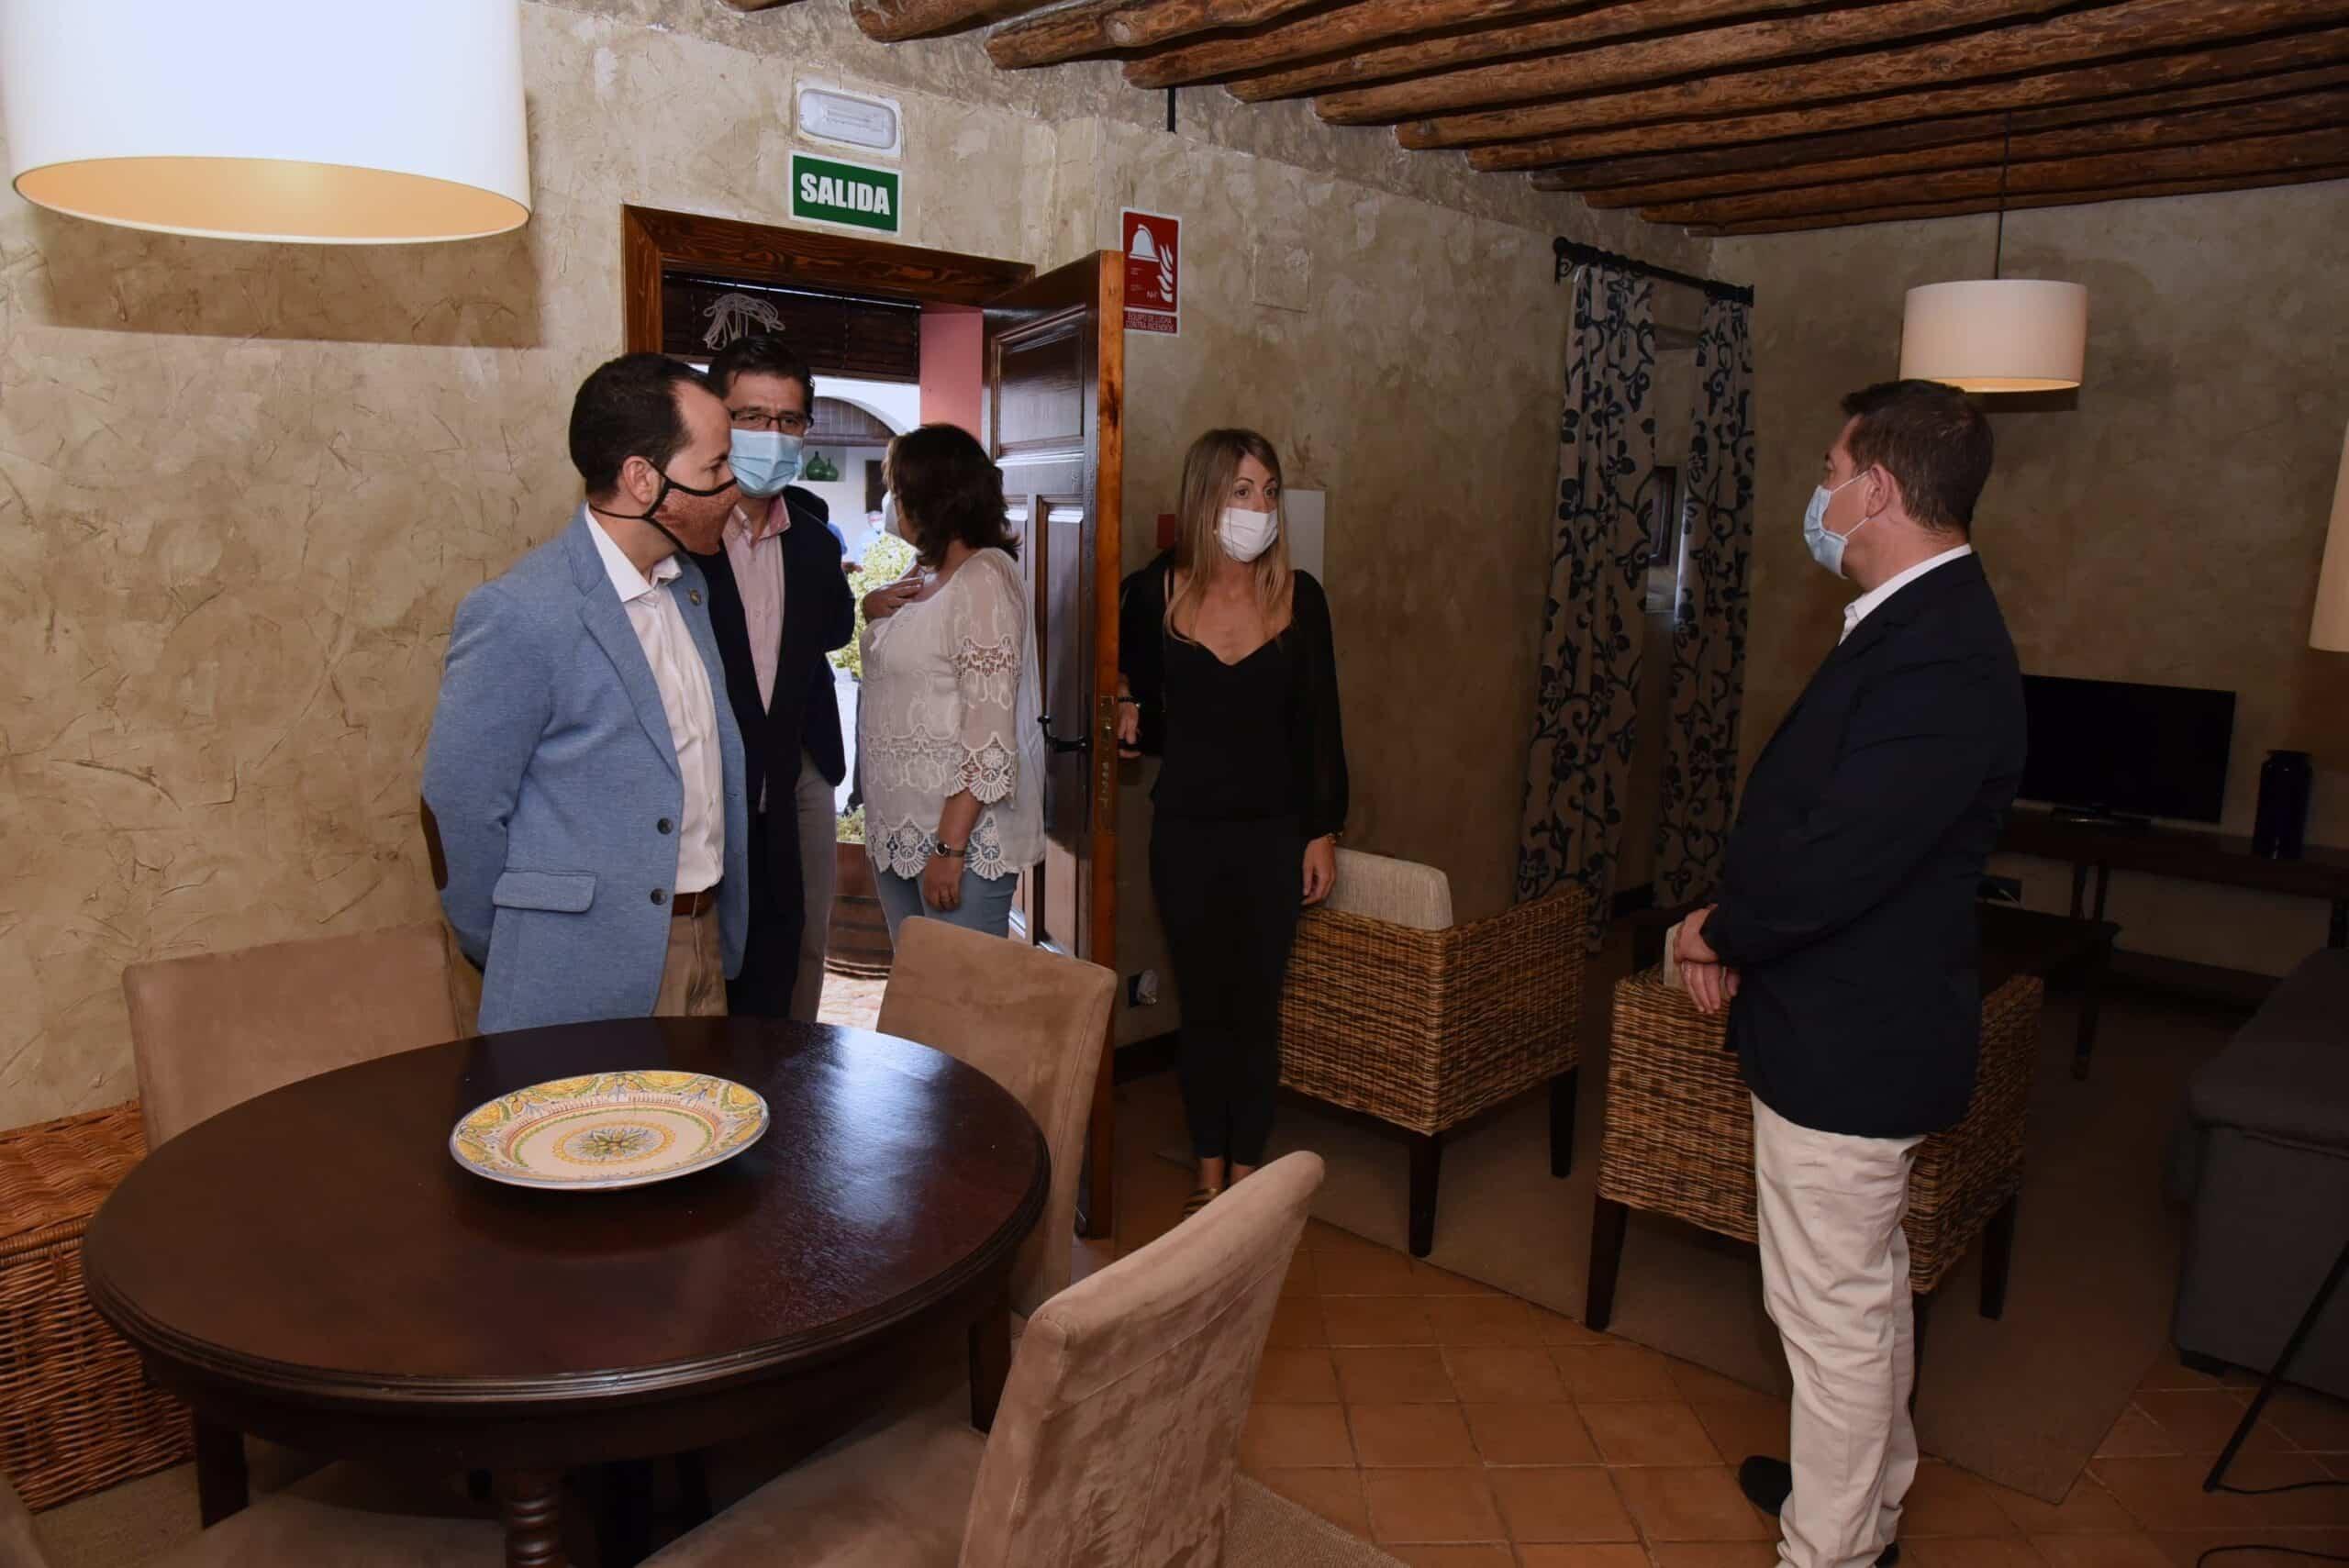 """visita el complejo rural cortijo sierra de la solana 1878 50016451558 o scaled - Visita al complejo rural """"Cortijo Sierra de la Solana 1878"""" en Herencia"""